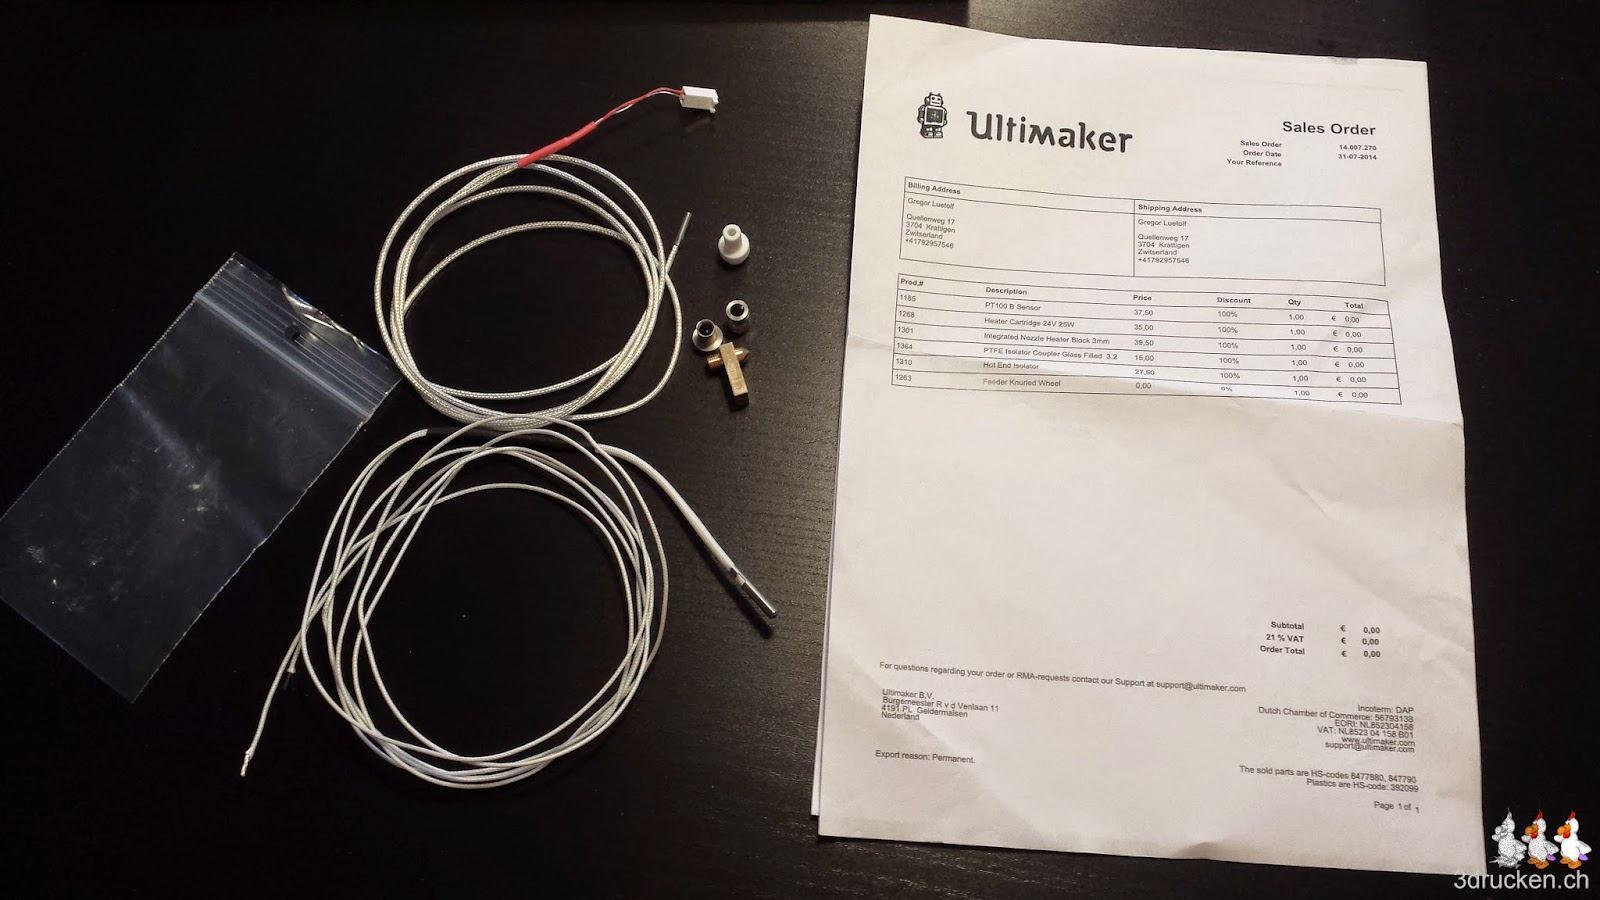 Foto der ausgepackten Ersatzteile für den Ultimaker 2 mit Frachtbrief